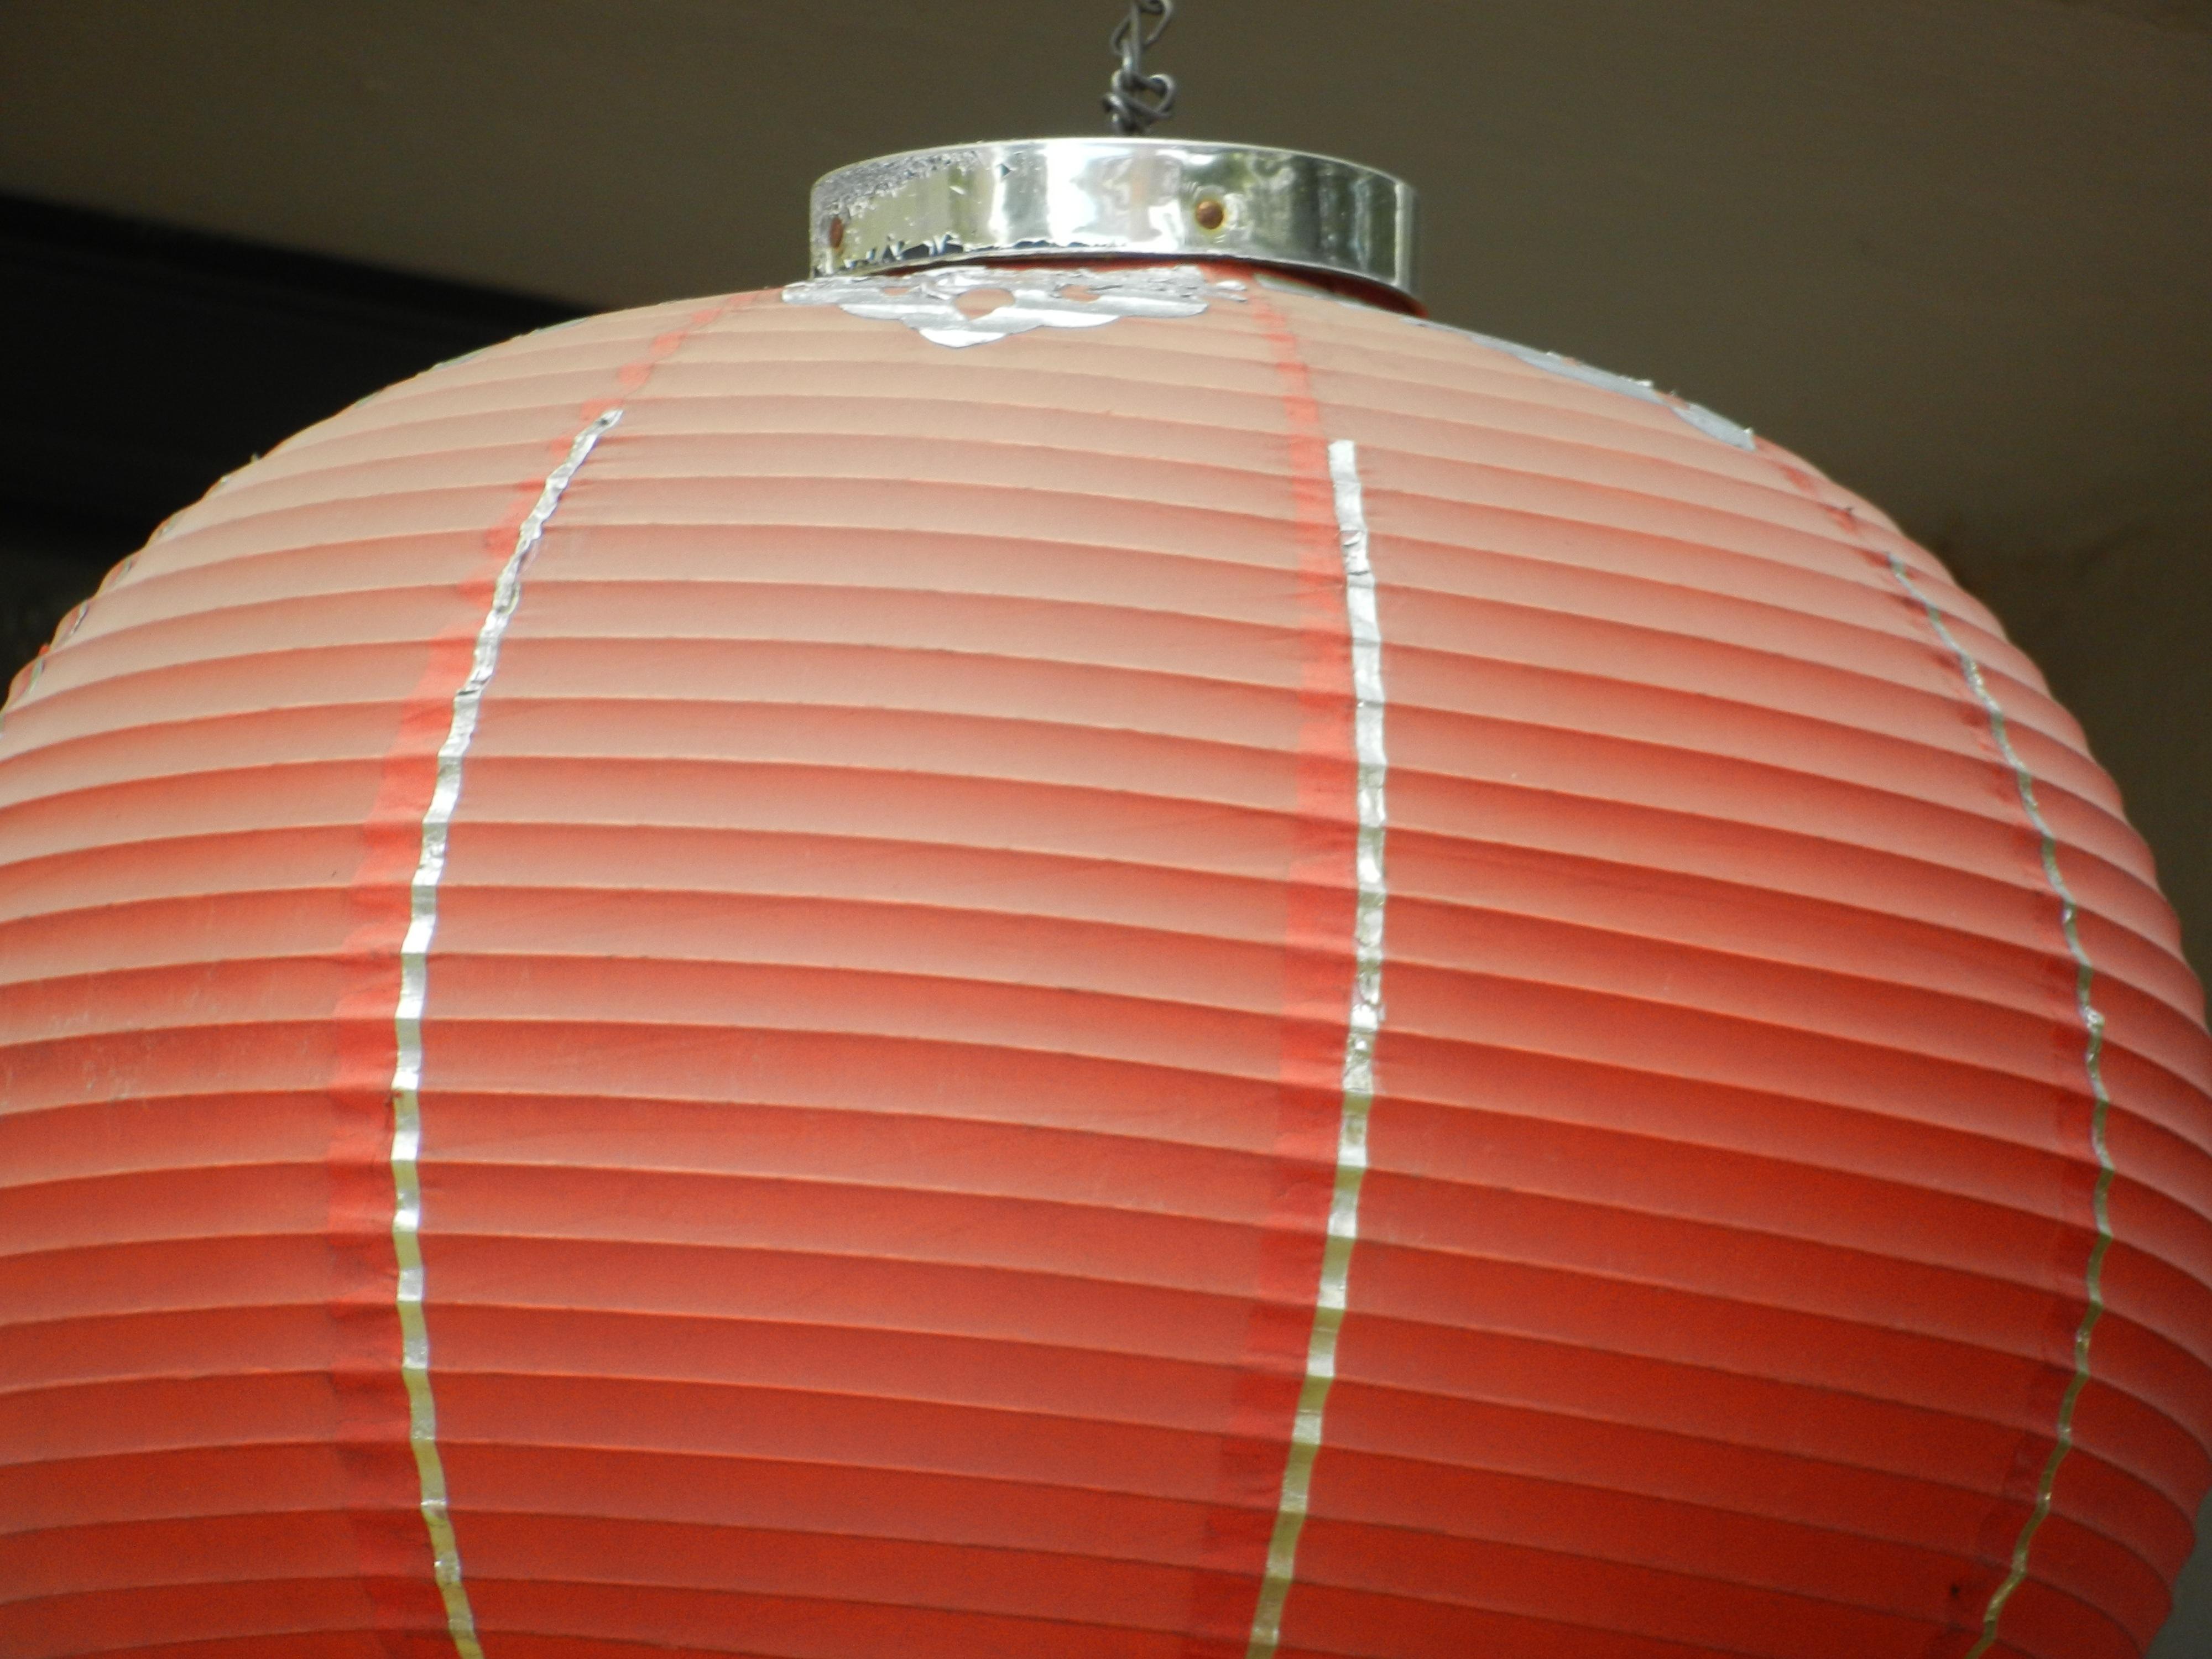 Asian Đèn Lồng Đỏ Màu Nhật Bản Thắp Sáng Vòng Tròn Mái Vòm Hình Dạng Phương